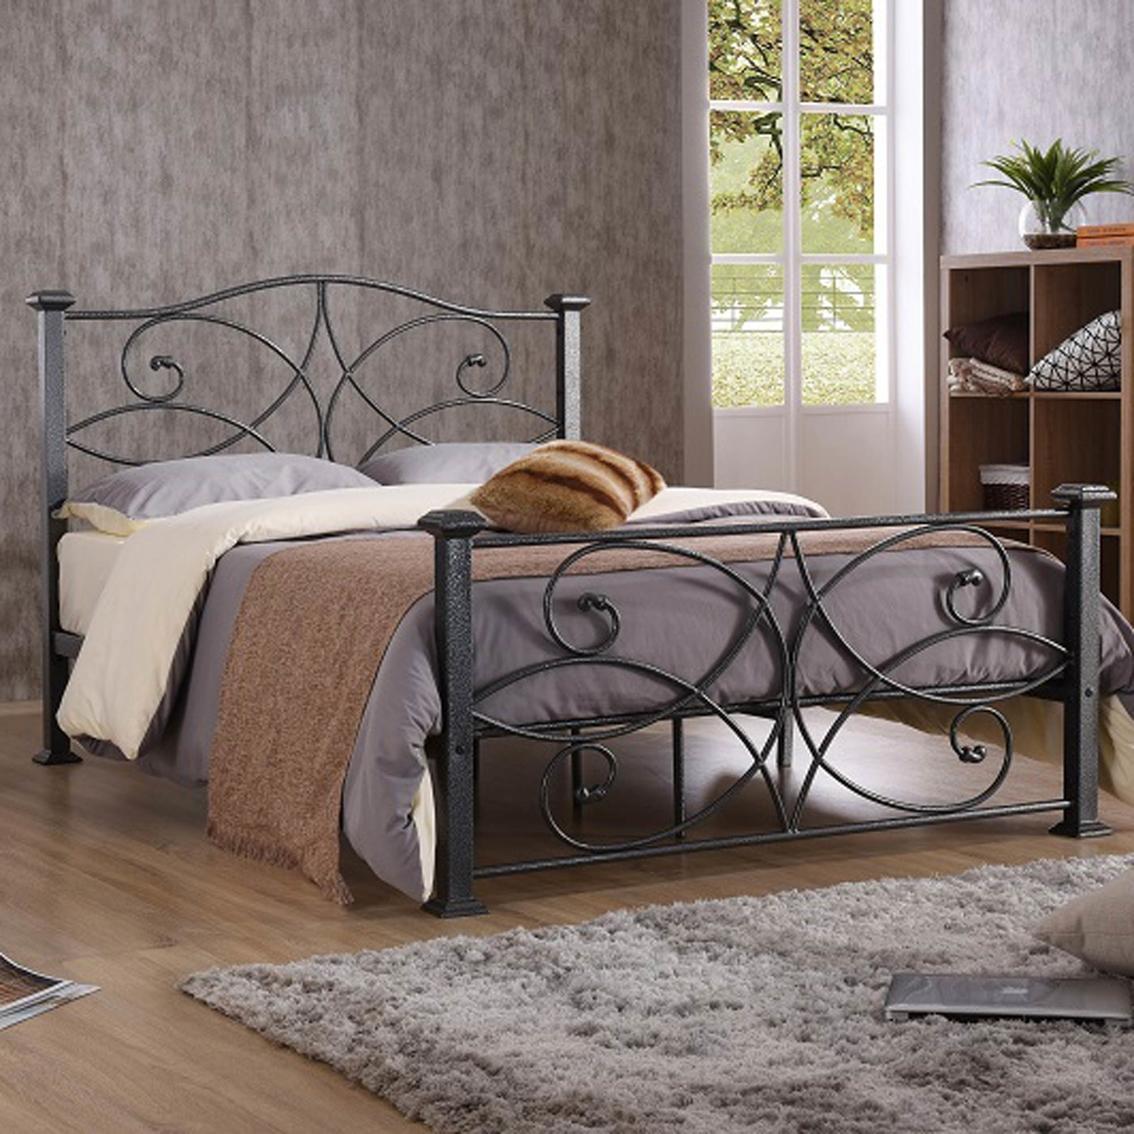 Hodedah Stunning Curvy Design Metal Bed Frame Beds Furniture Appliances Shop The Exchange